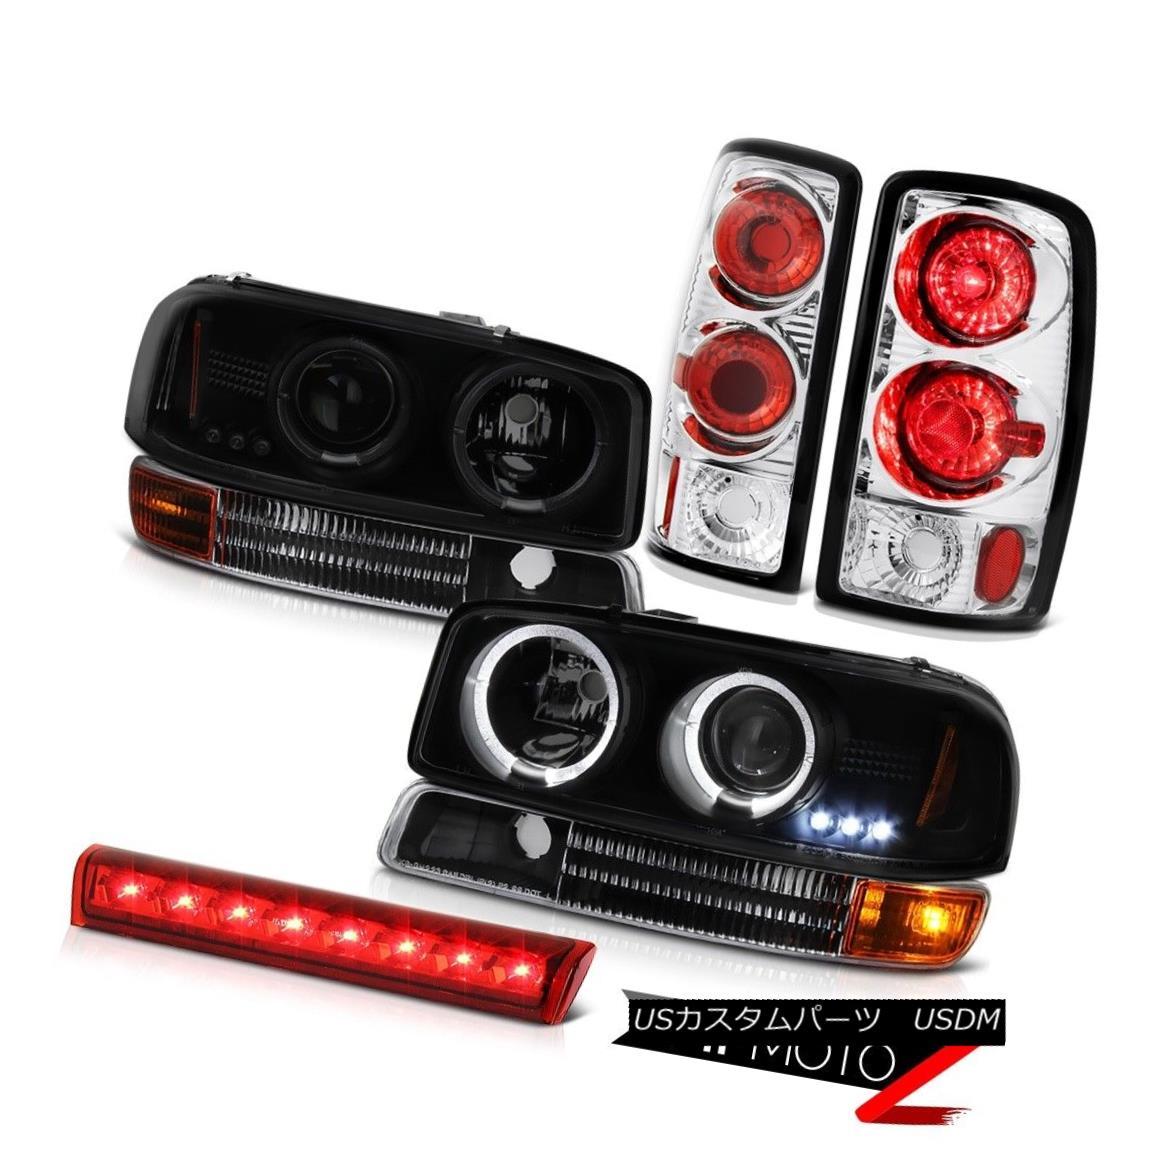 ヘッドライト 00 01 02 03 04 05 06 Yukon SLT LED Head Lights Brake Lamps Tail Lights Red Third 00 01 02 03 04 05 06ユーコンSLT LEDヘッドライトブレーキランプテールライトレッド3